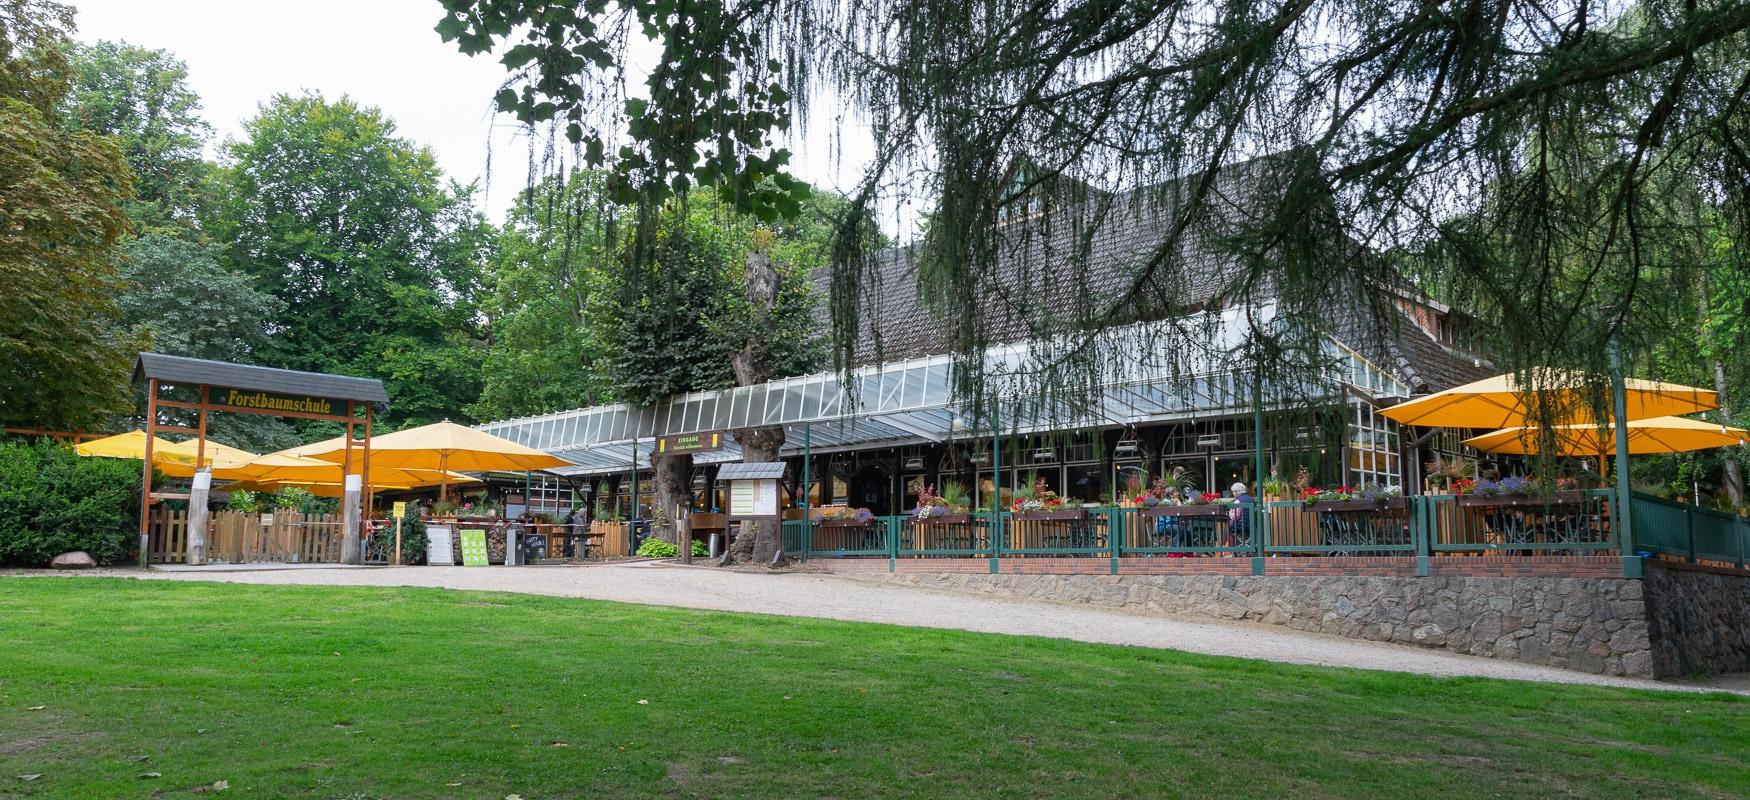 Forstbaumschule - 20210904 Forstbaumschule 0109